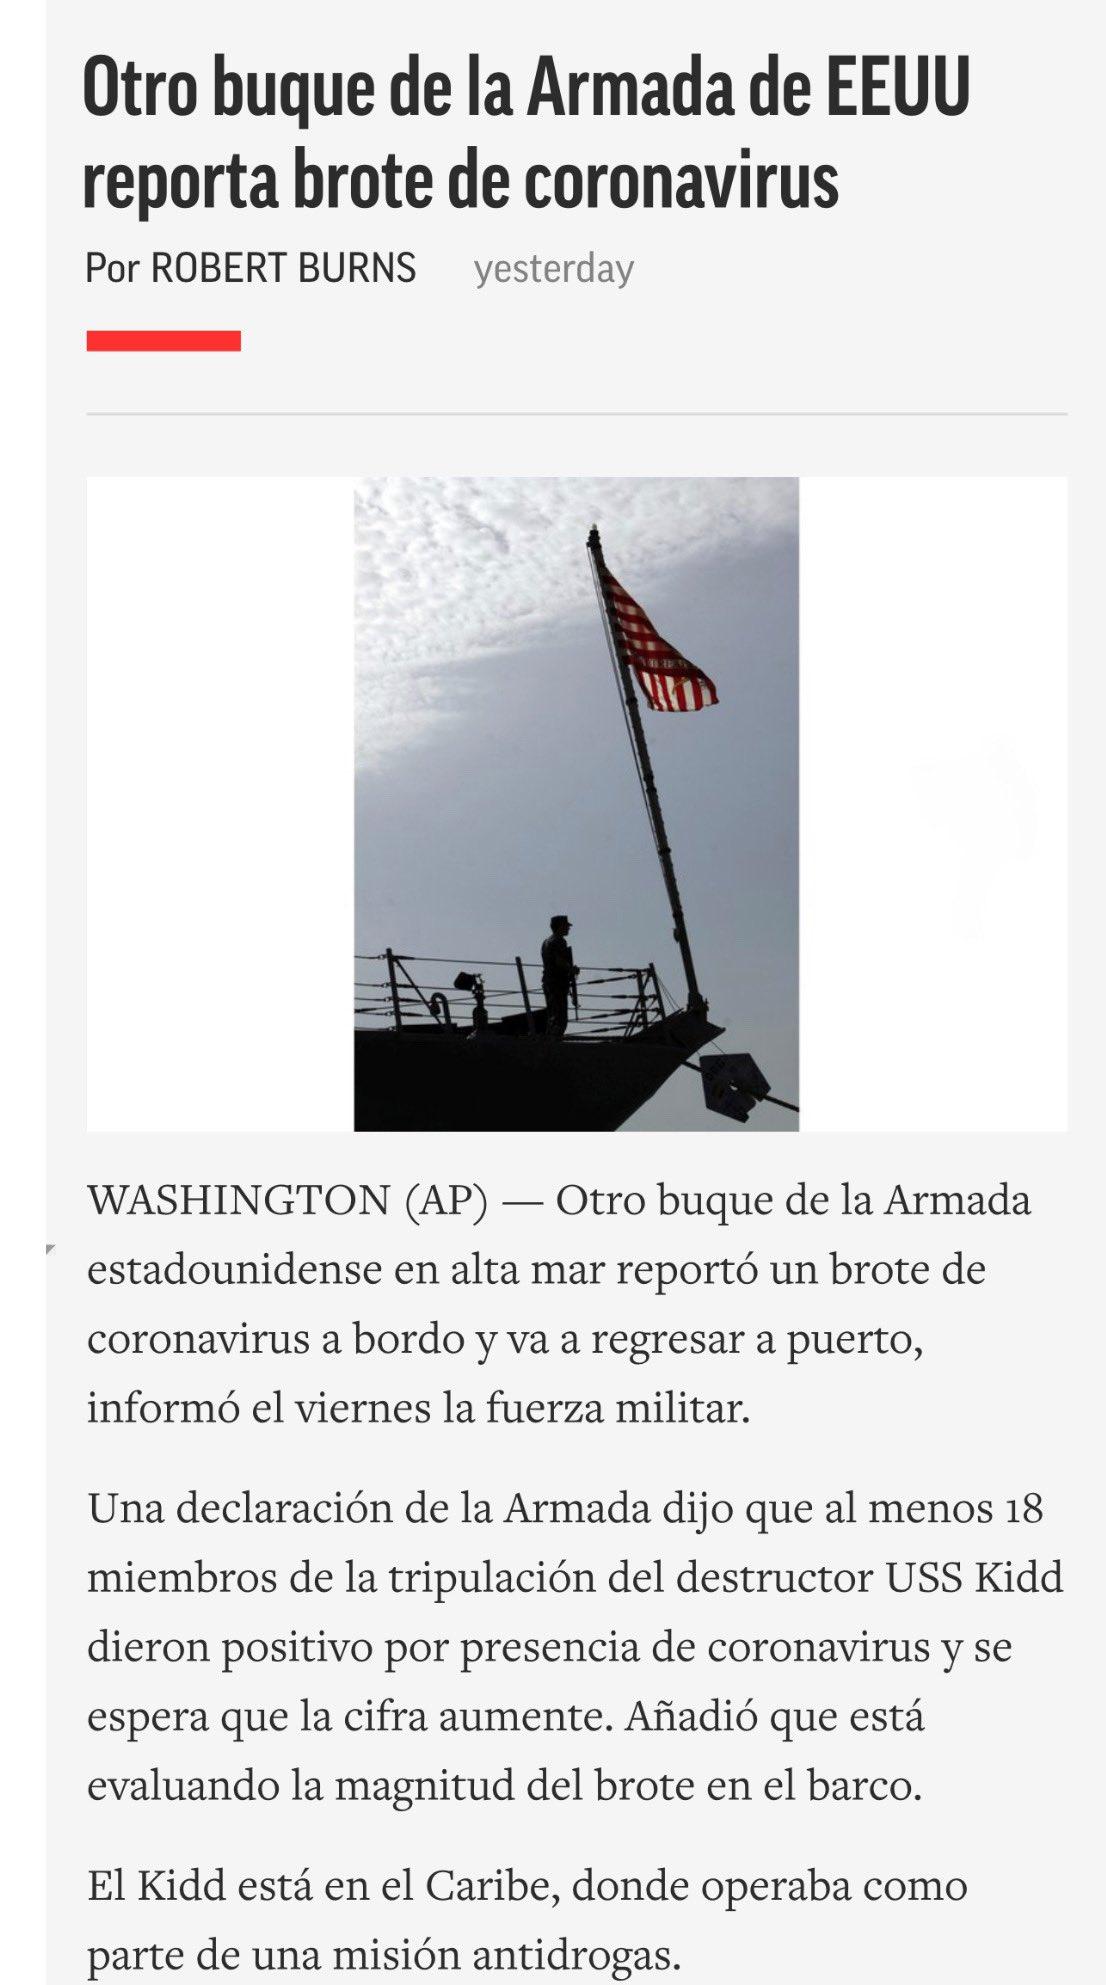 Noticias y  Generalidades - Página 4 EWau9TkX0AA6ED3?format=jpg&name=large